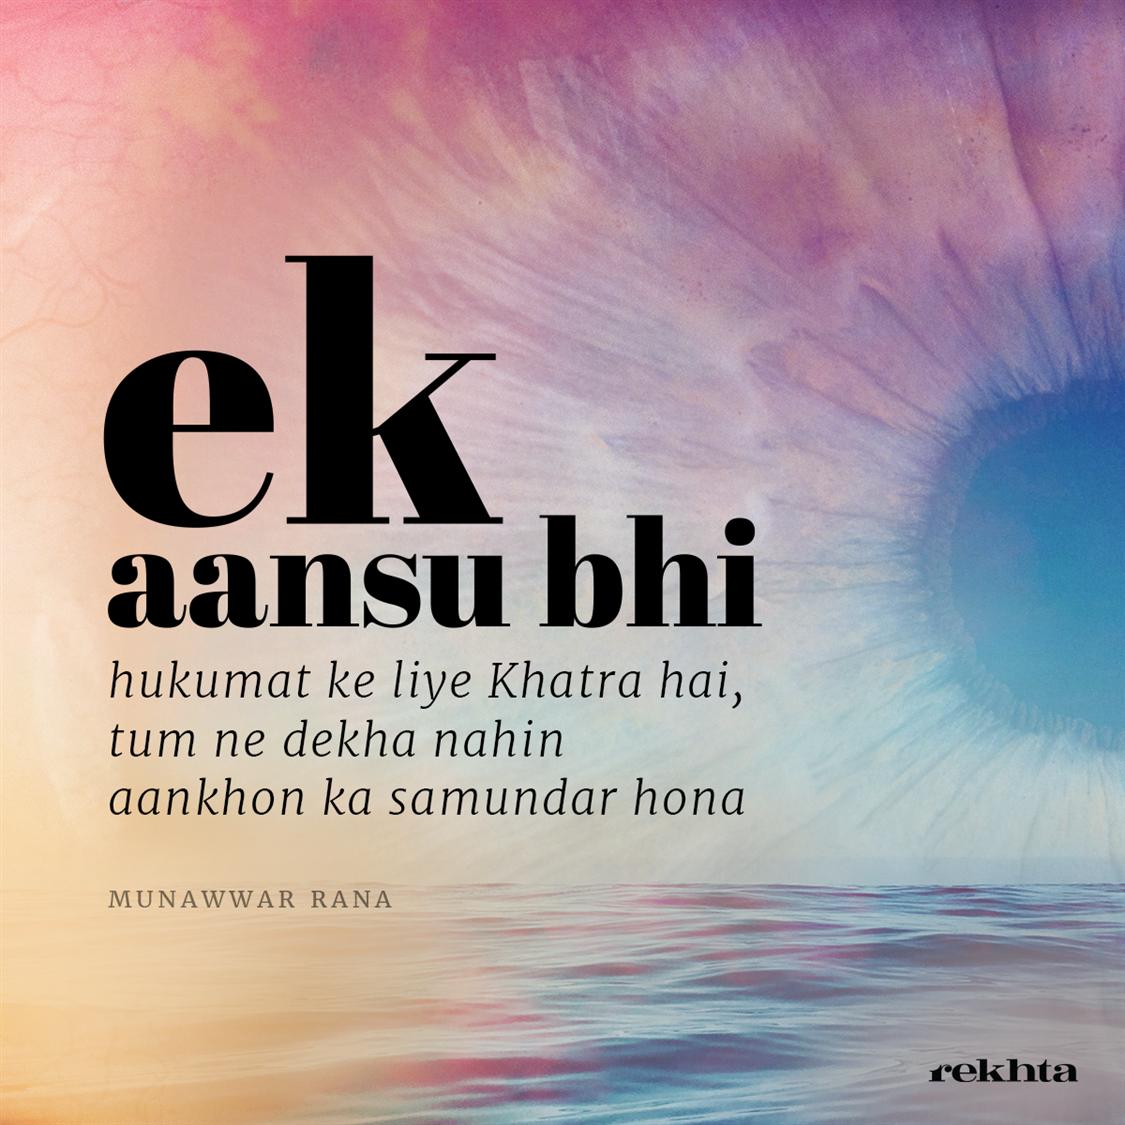 ek aa.nsuu bhii hukuumat ke liye KHatra hai-Munawwar Rana